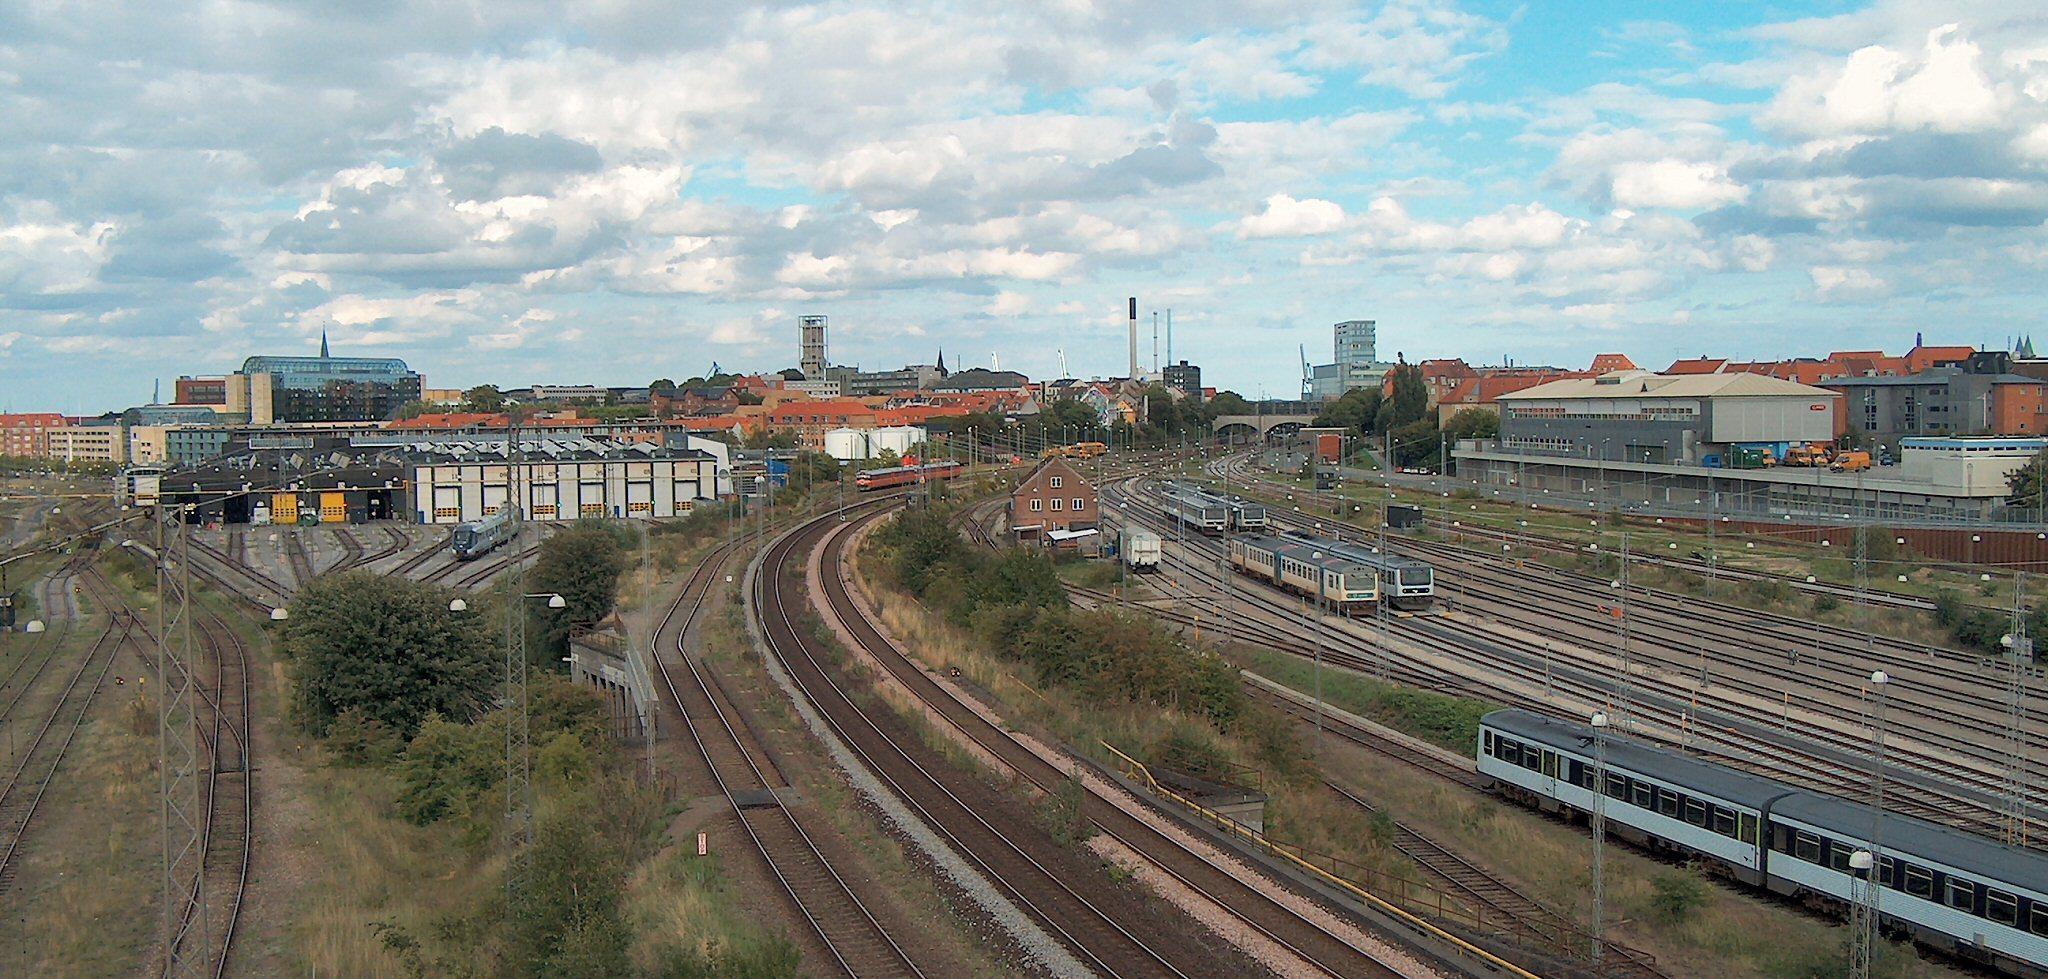 dansk dating side Aarhus